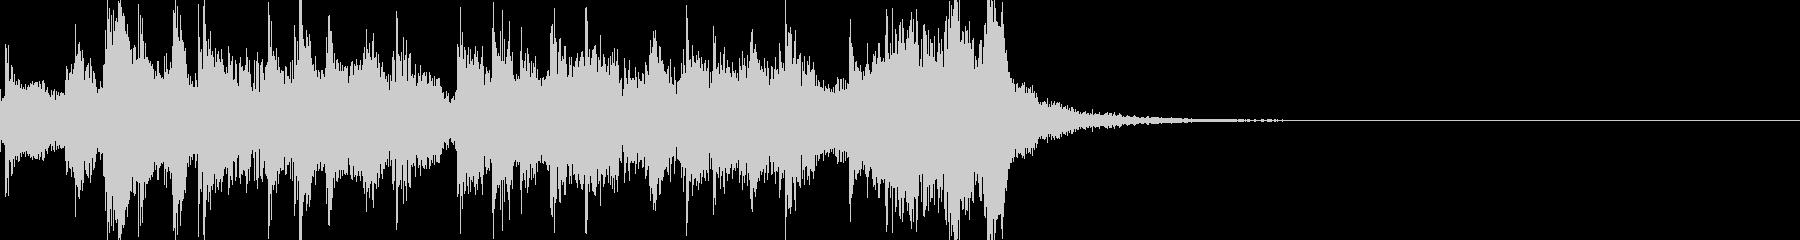 生演奏リコーダーとタンバリンのジングルの未再生の波形